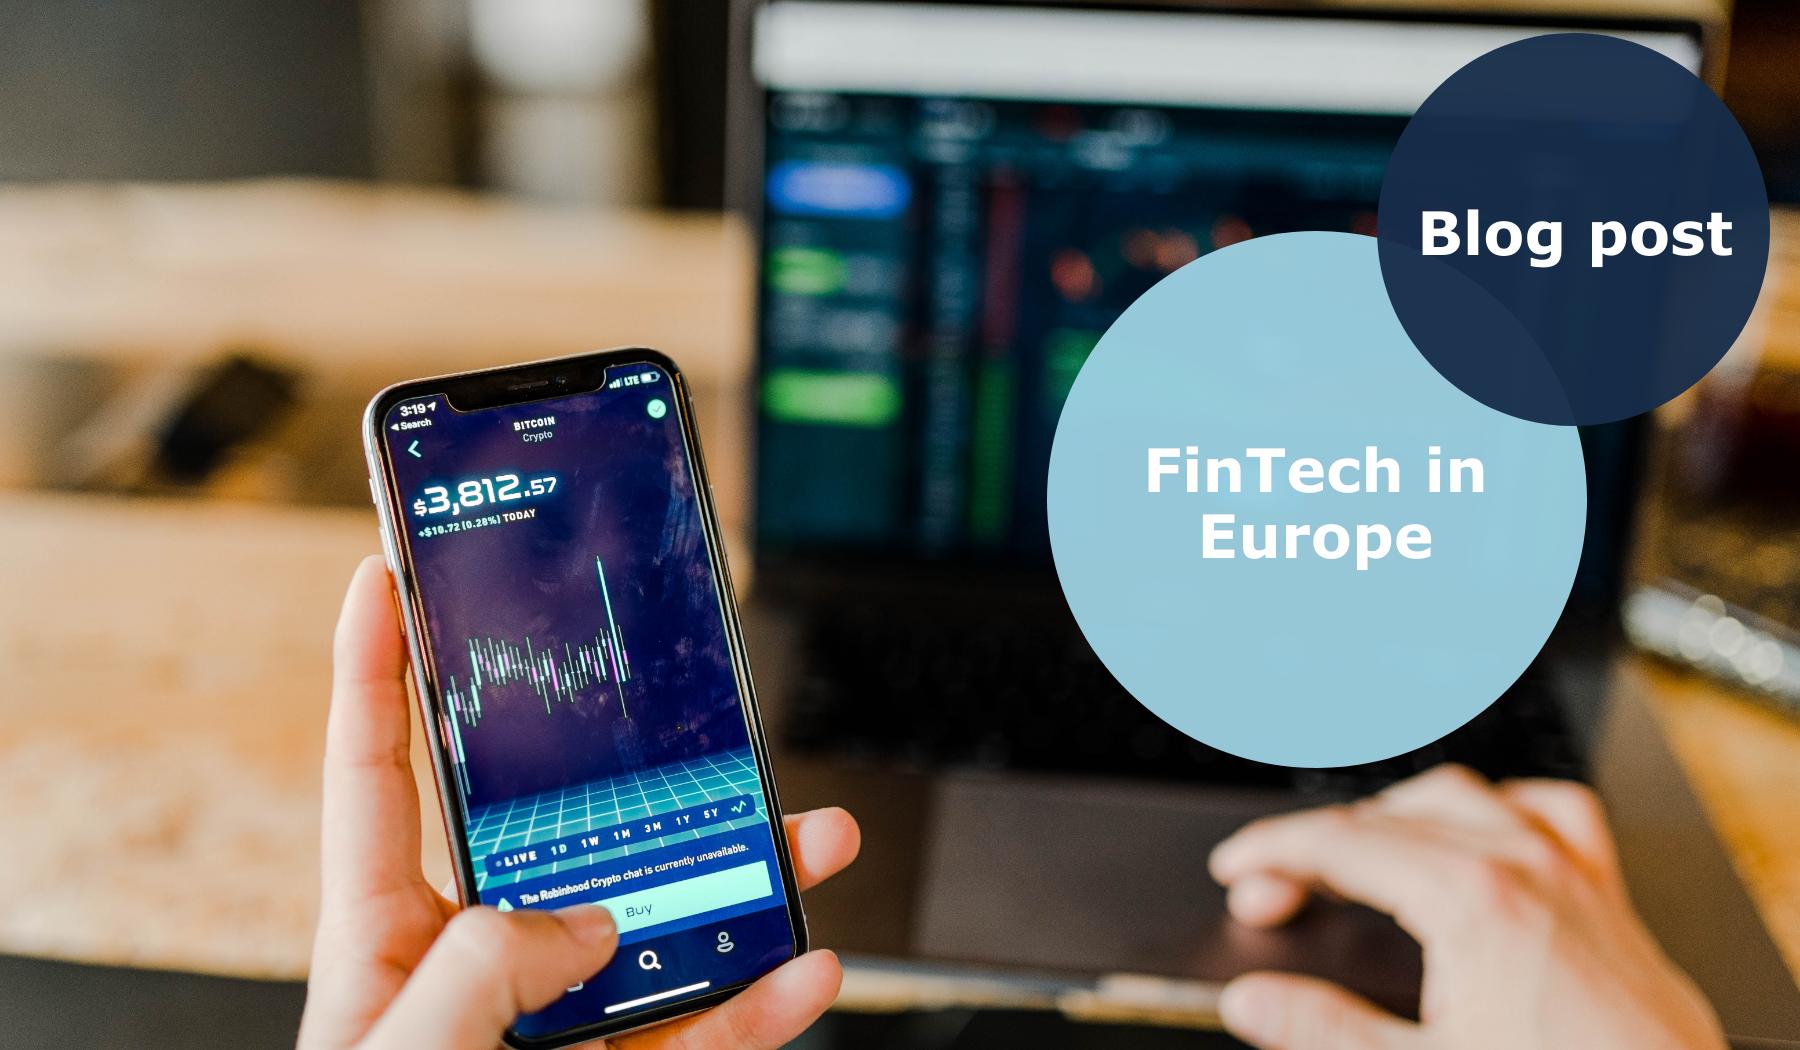 FinTech in Europe